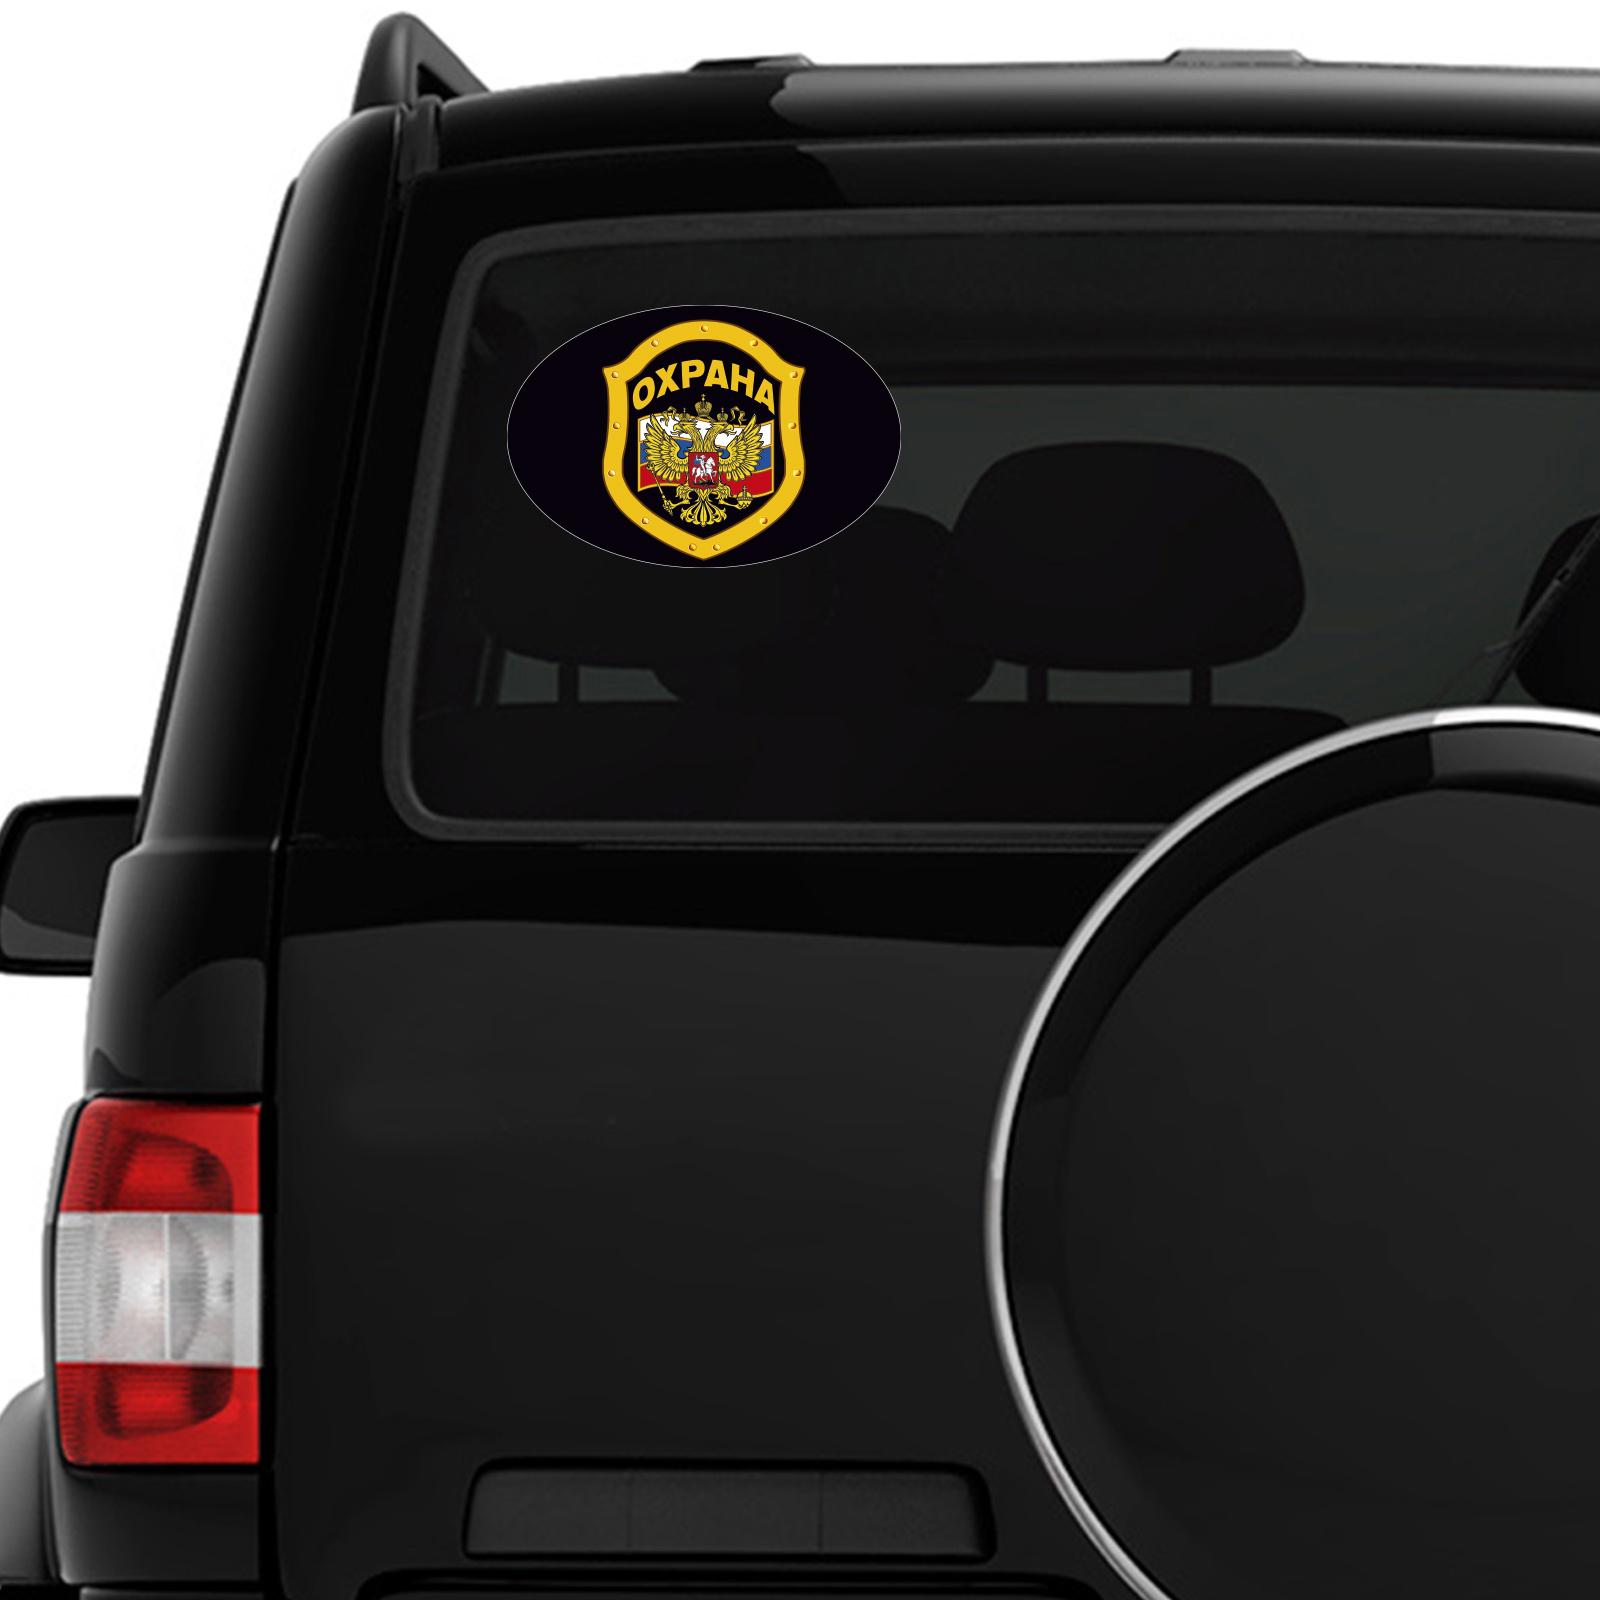 Автомобильная наклейка с жетоном Охраны - недорого